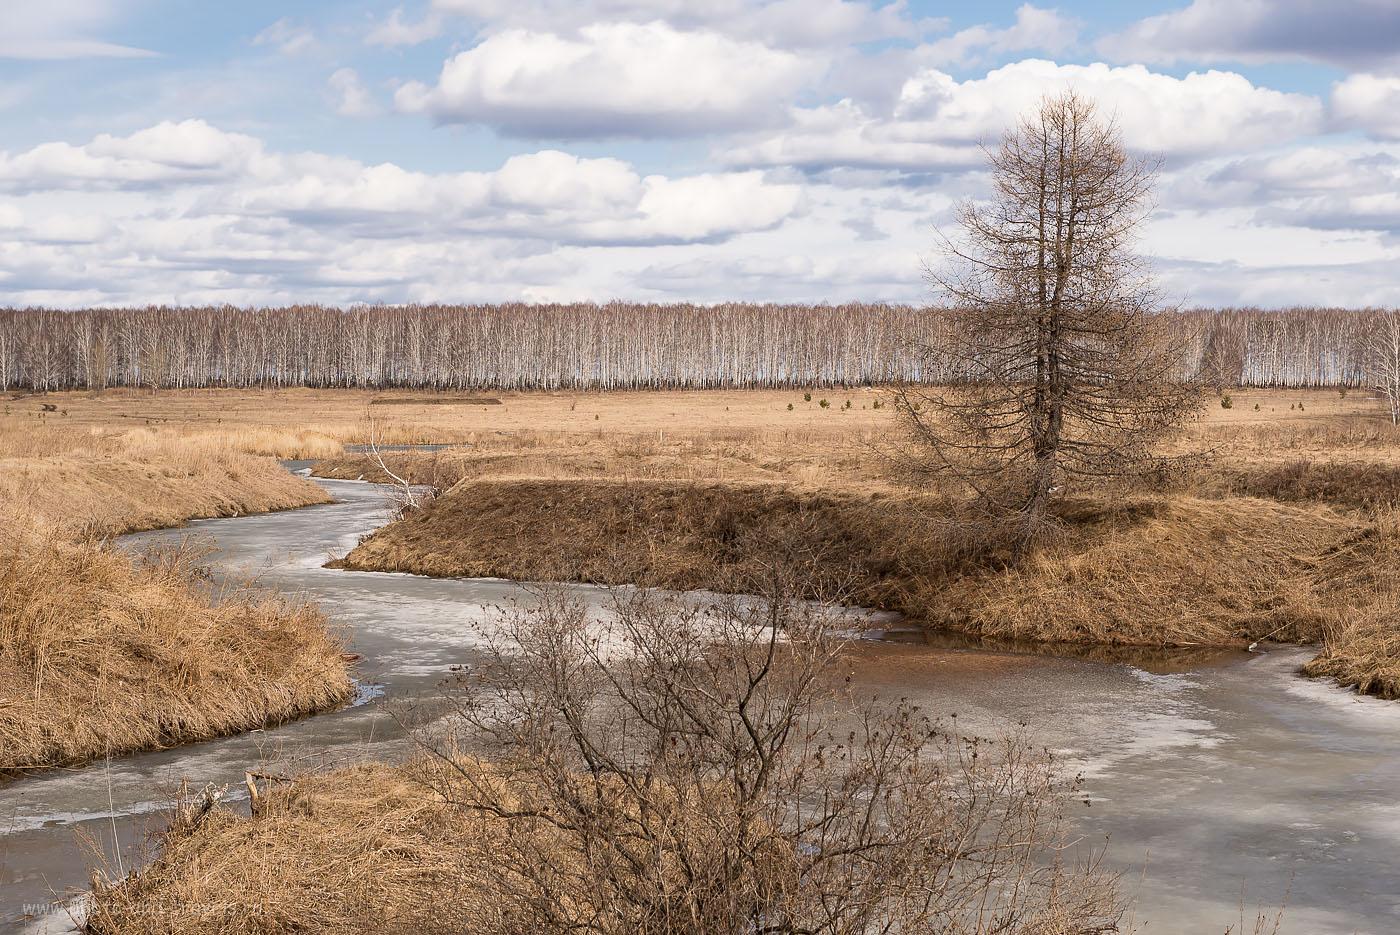 2. Одним ласковым весенним днем в уральских лугах... (Камера Nikon D610 body, объектив Nikkor 24-70/2.8, поляризационный фильтр HD Circular-PL. Параметры съемки: «А», ISO 125, фокусное расстояние 60 мм, диафрагма F/8.0, выдержка 1/60 секунды). По дороге к порогу Ревун на реке Исеть